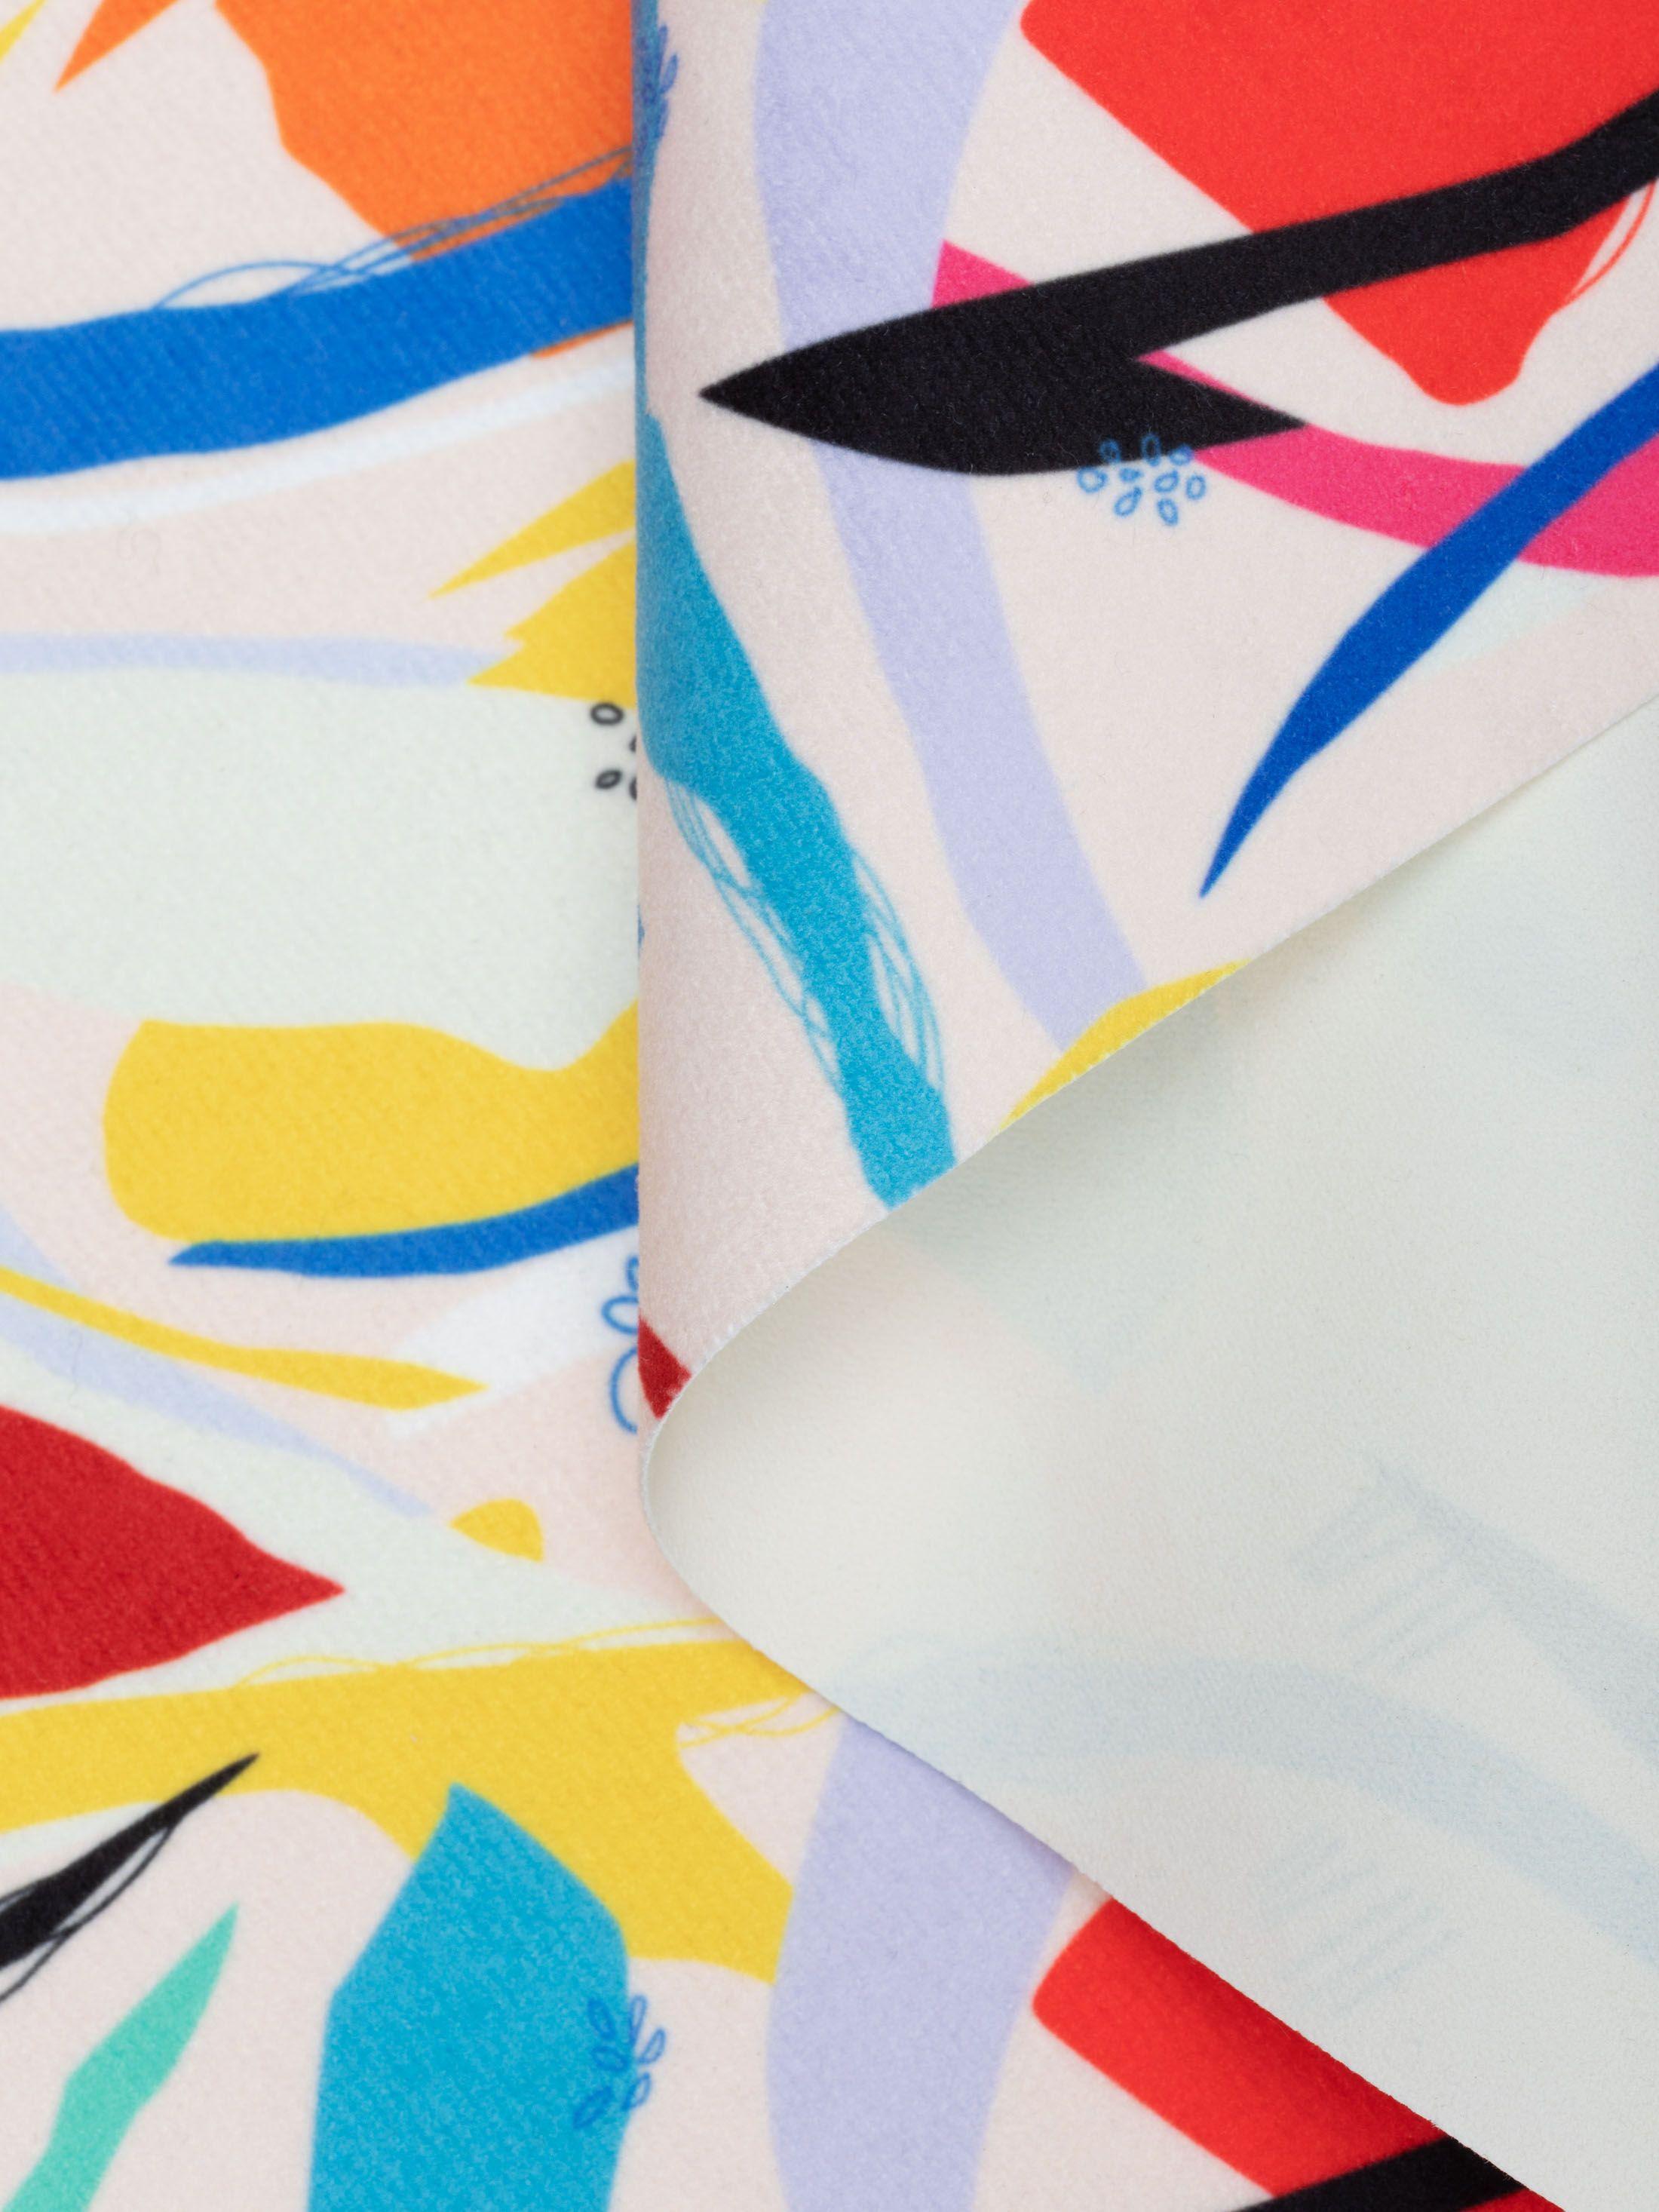 tissu suédine Vision imprimé avec votre design